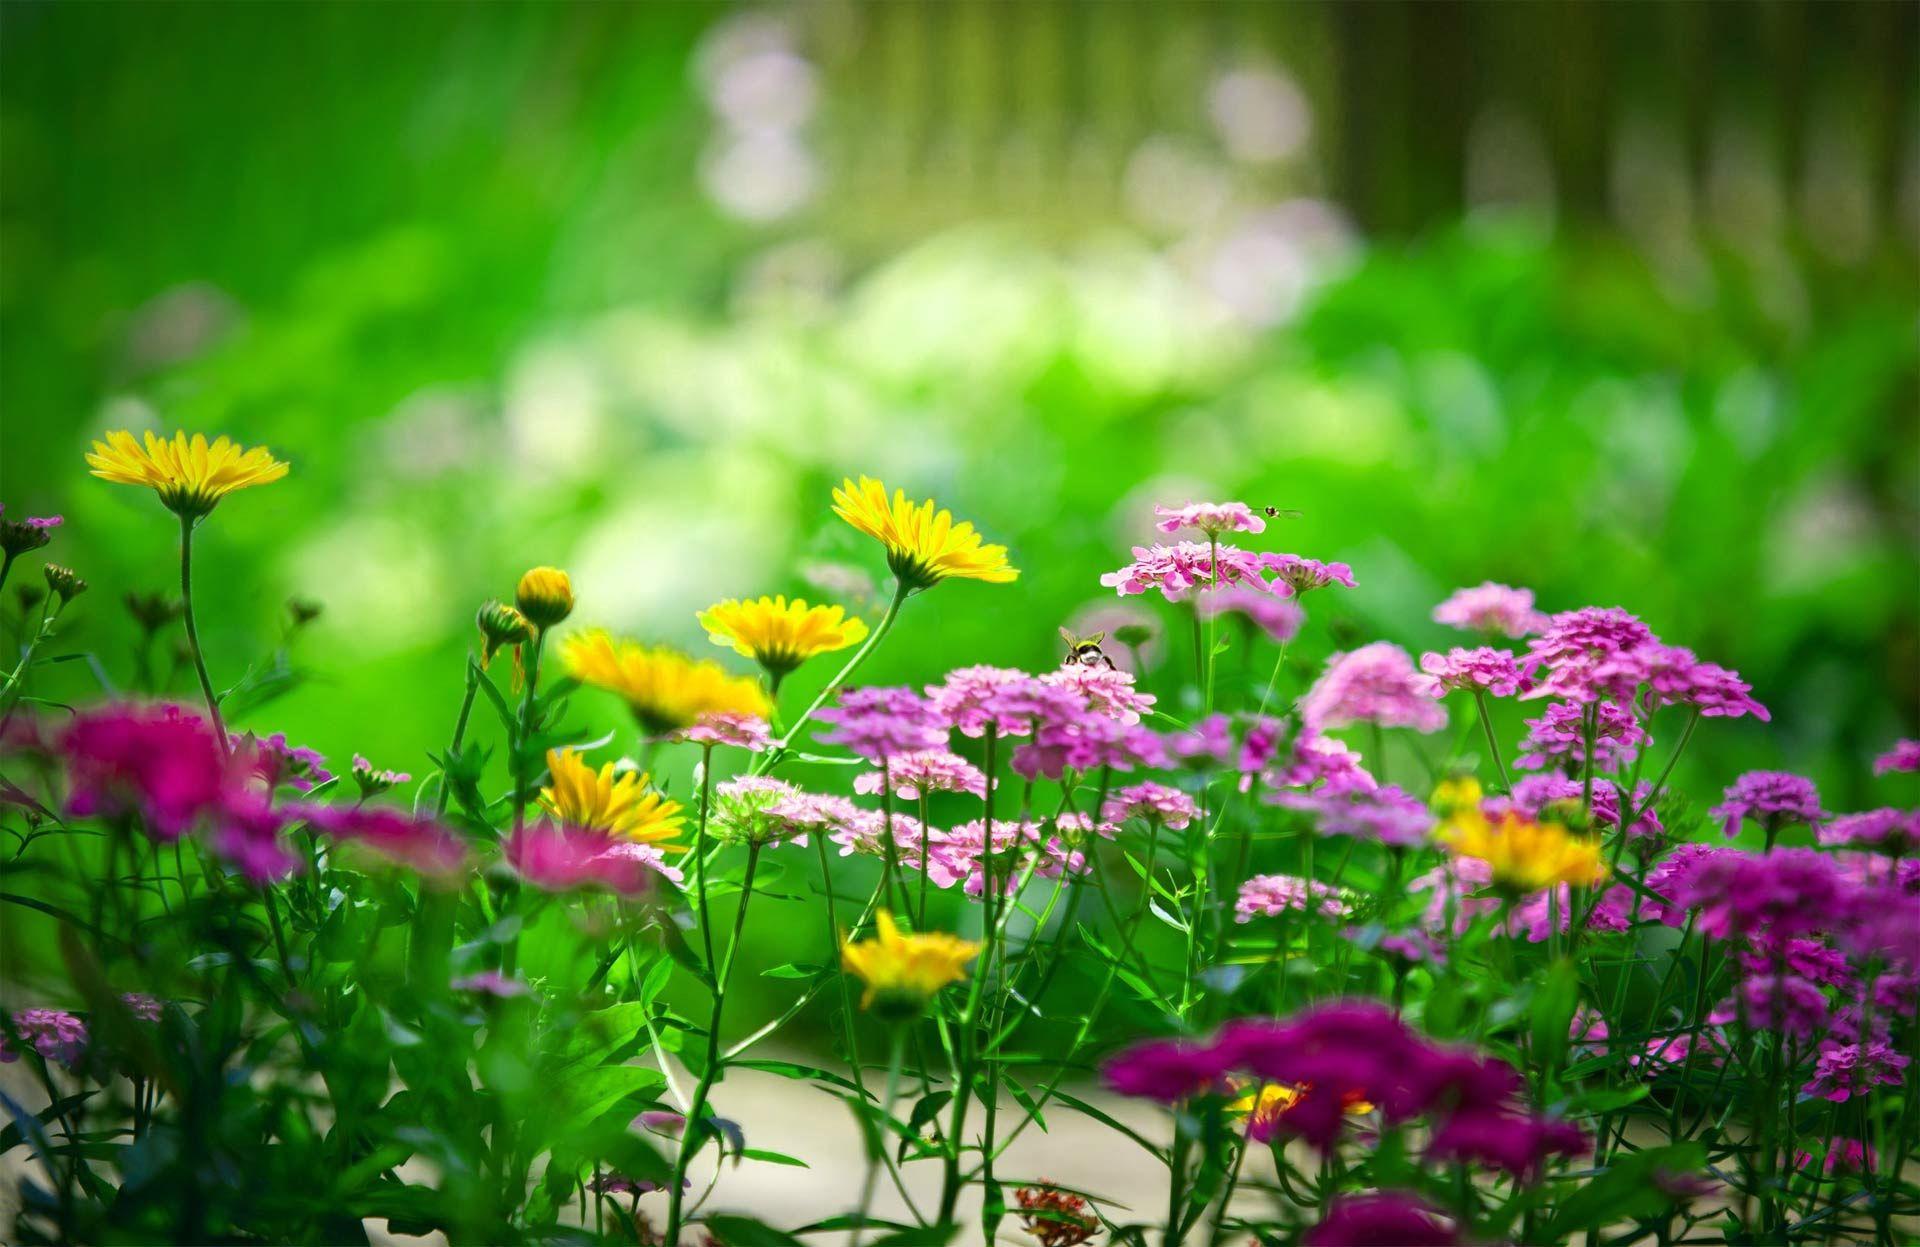 Fondos de pantalla de flores hermosas en hd gratis para for Bajar fondos de pantalla gratis